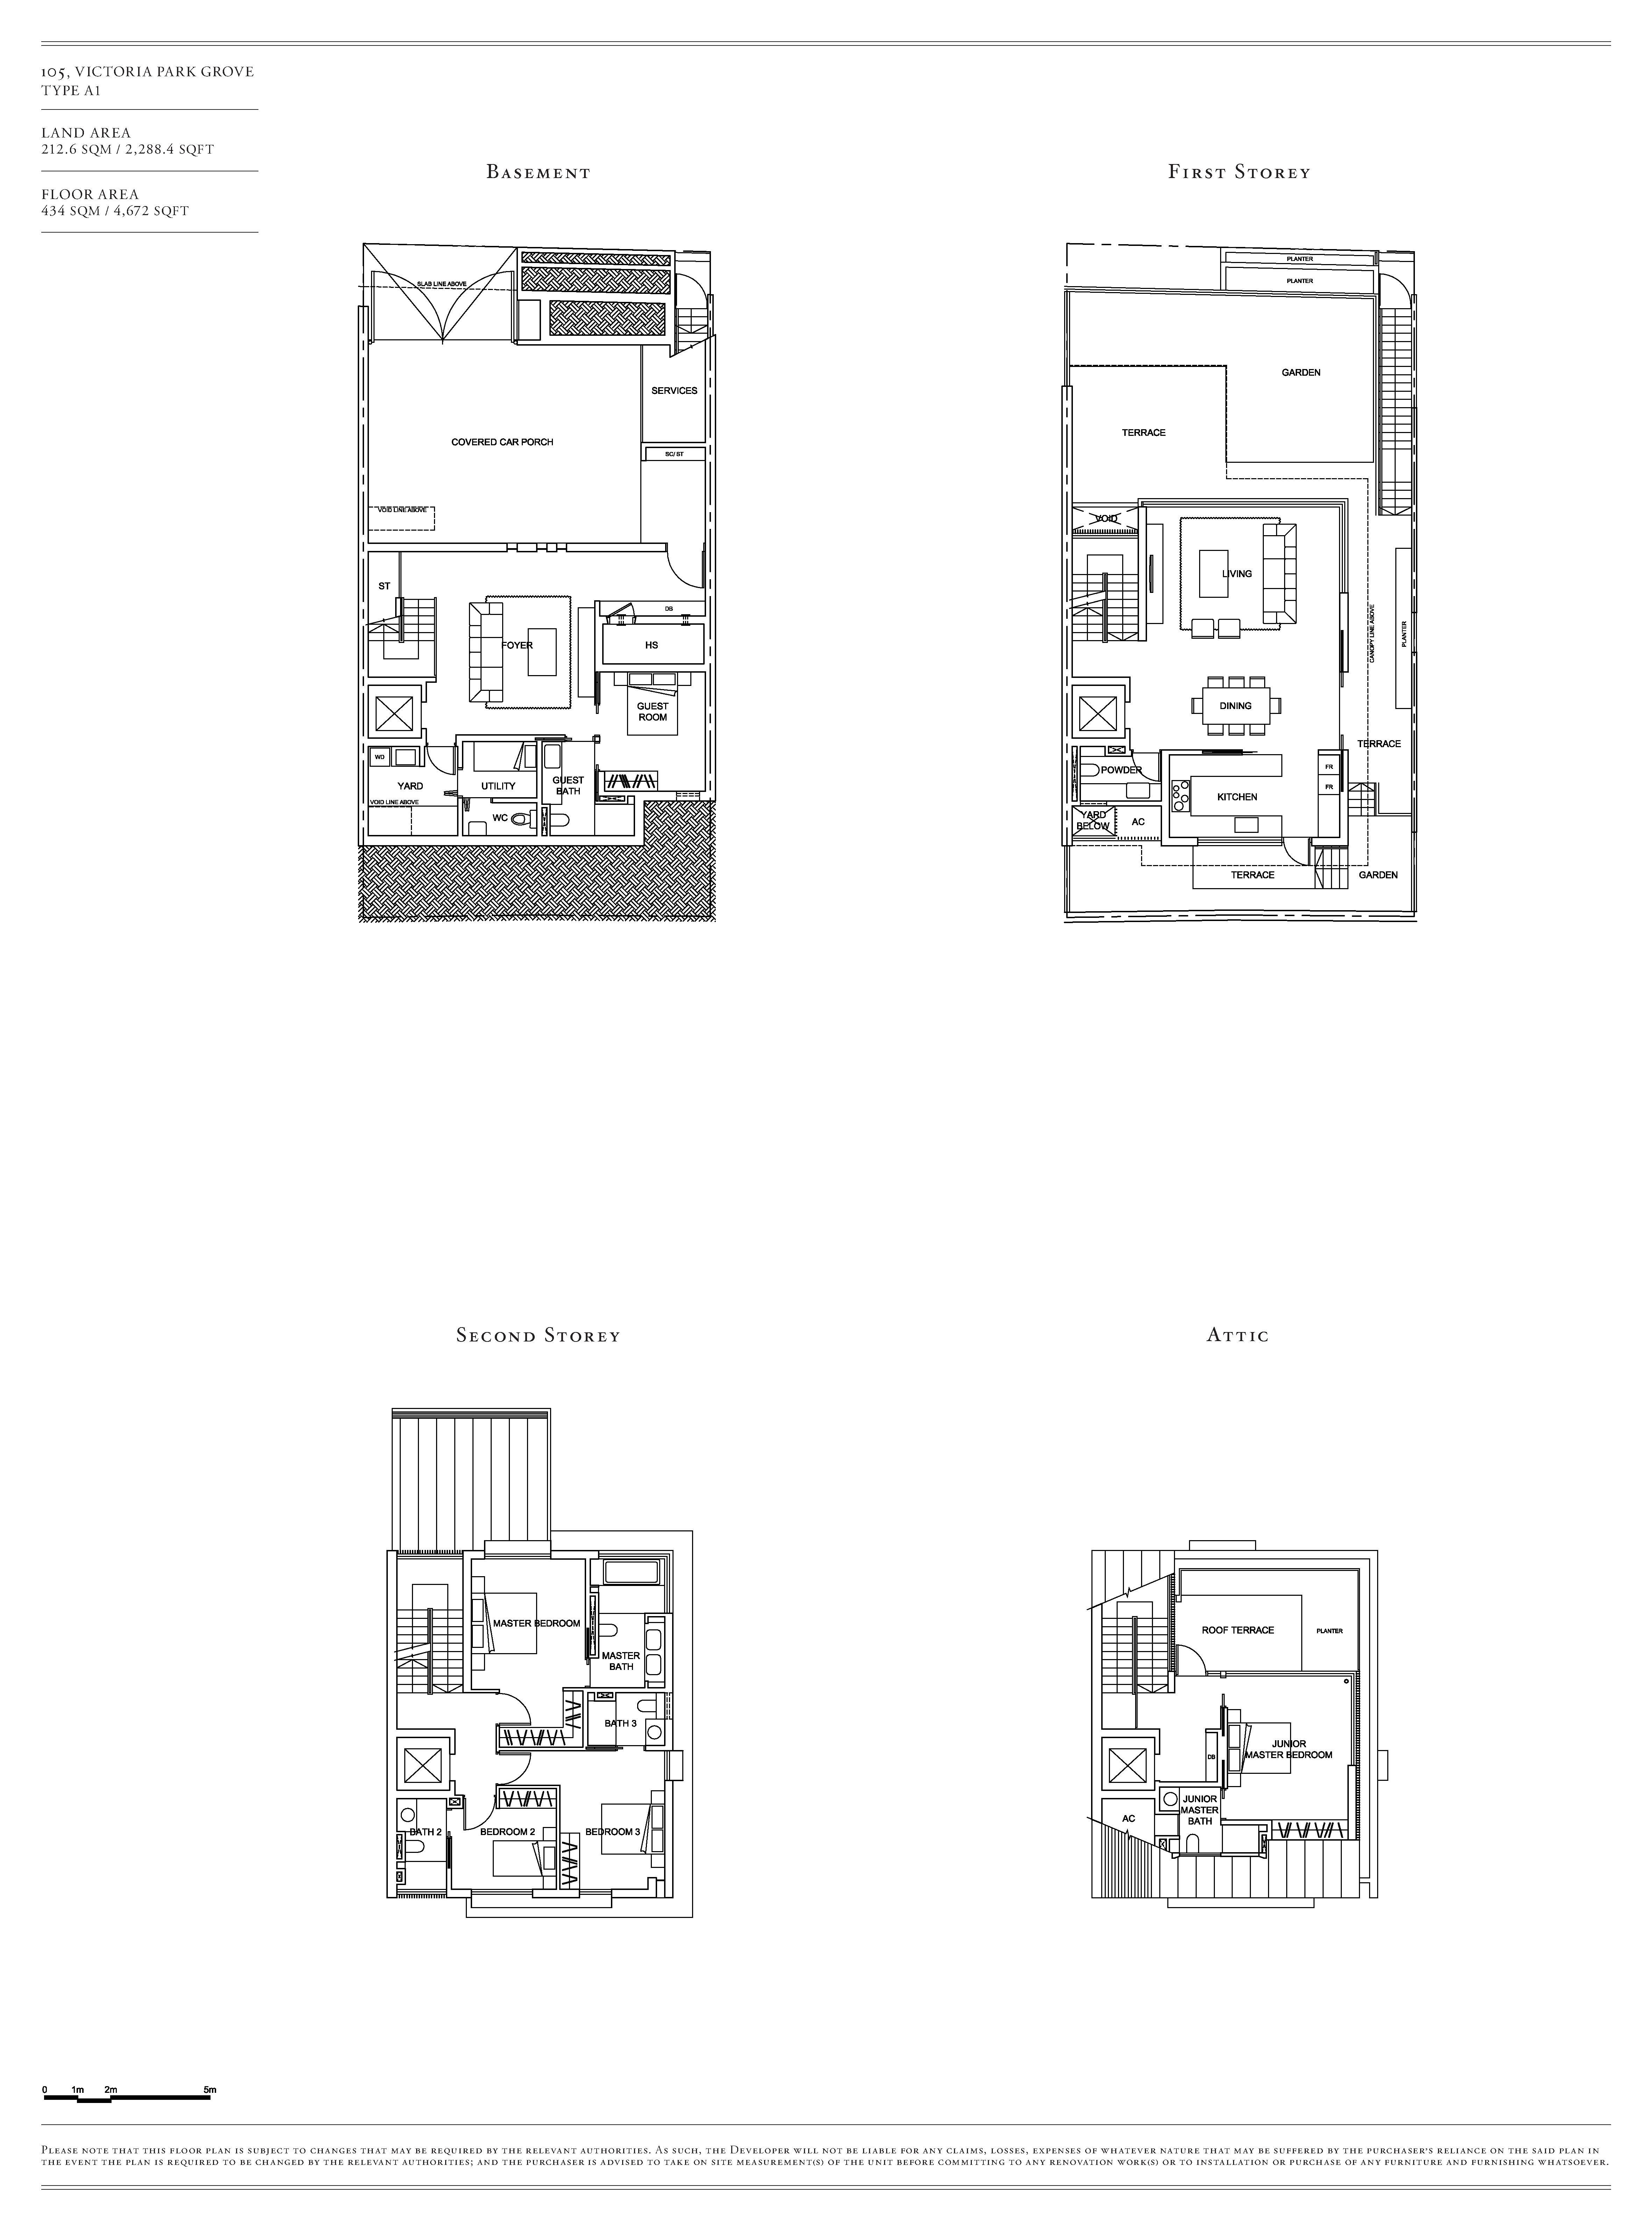 Victoria Park Villas House 105 Type A1 Floor Plans